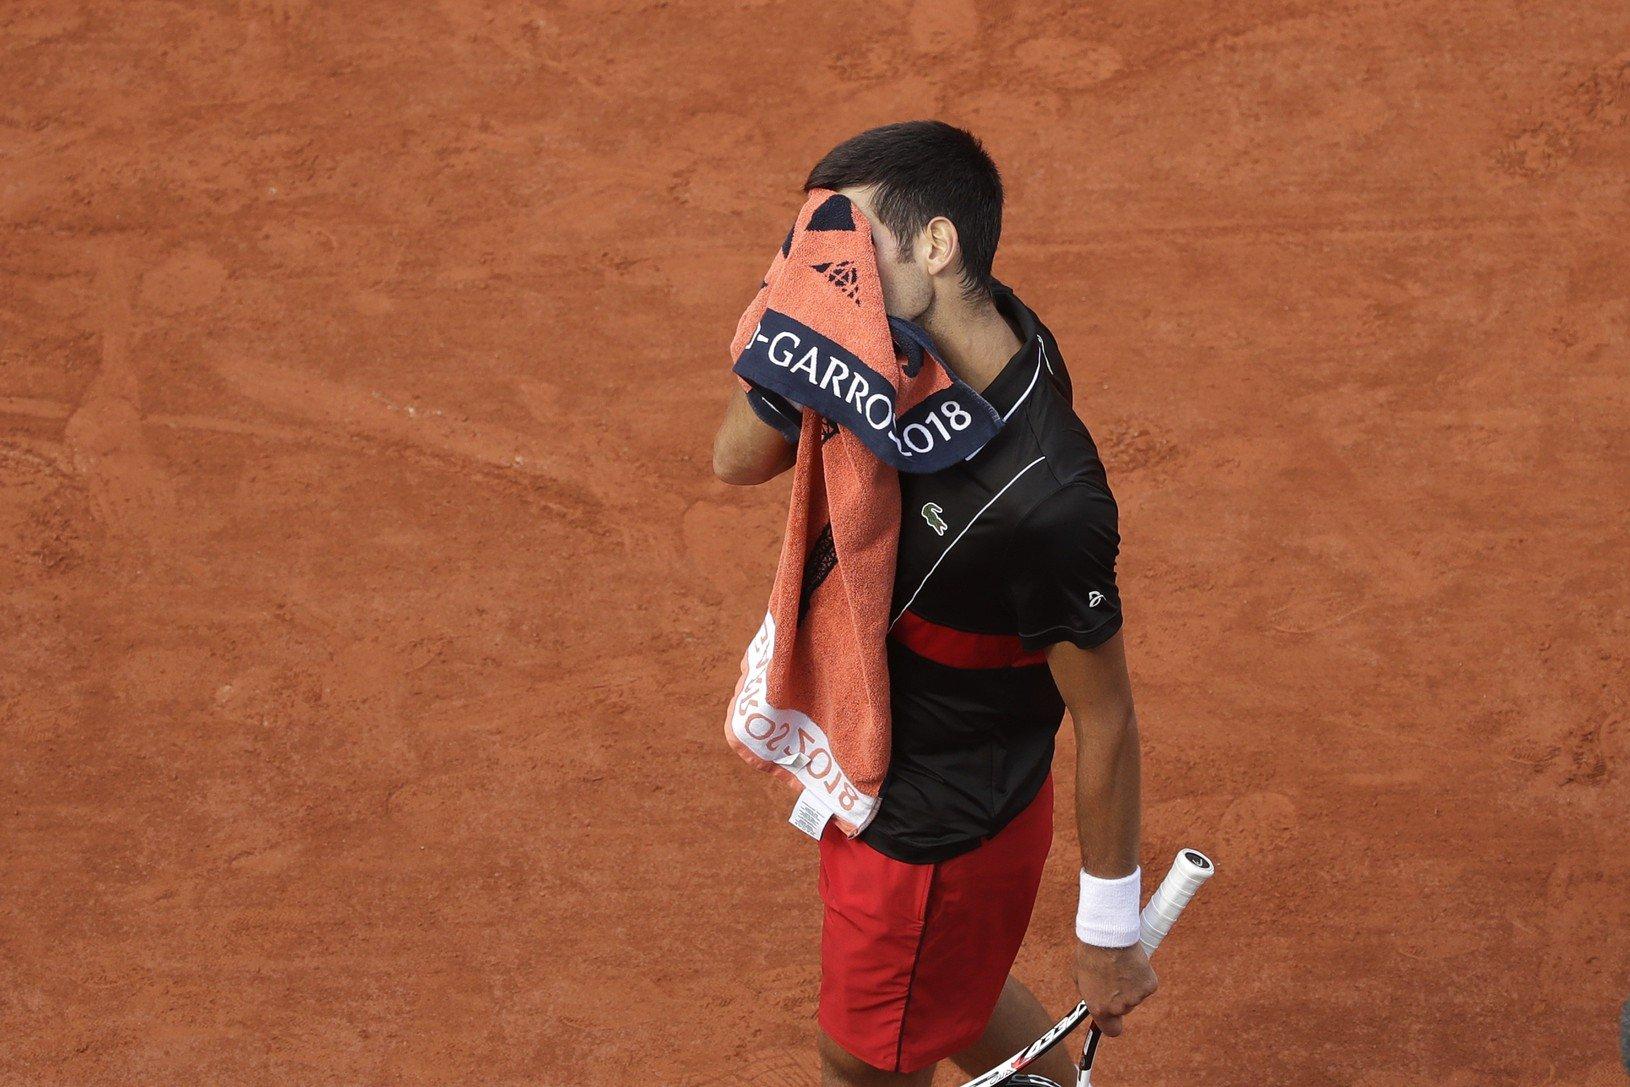 Frustrovaný Novak Djokovič